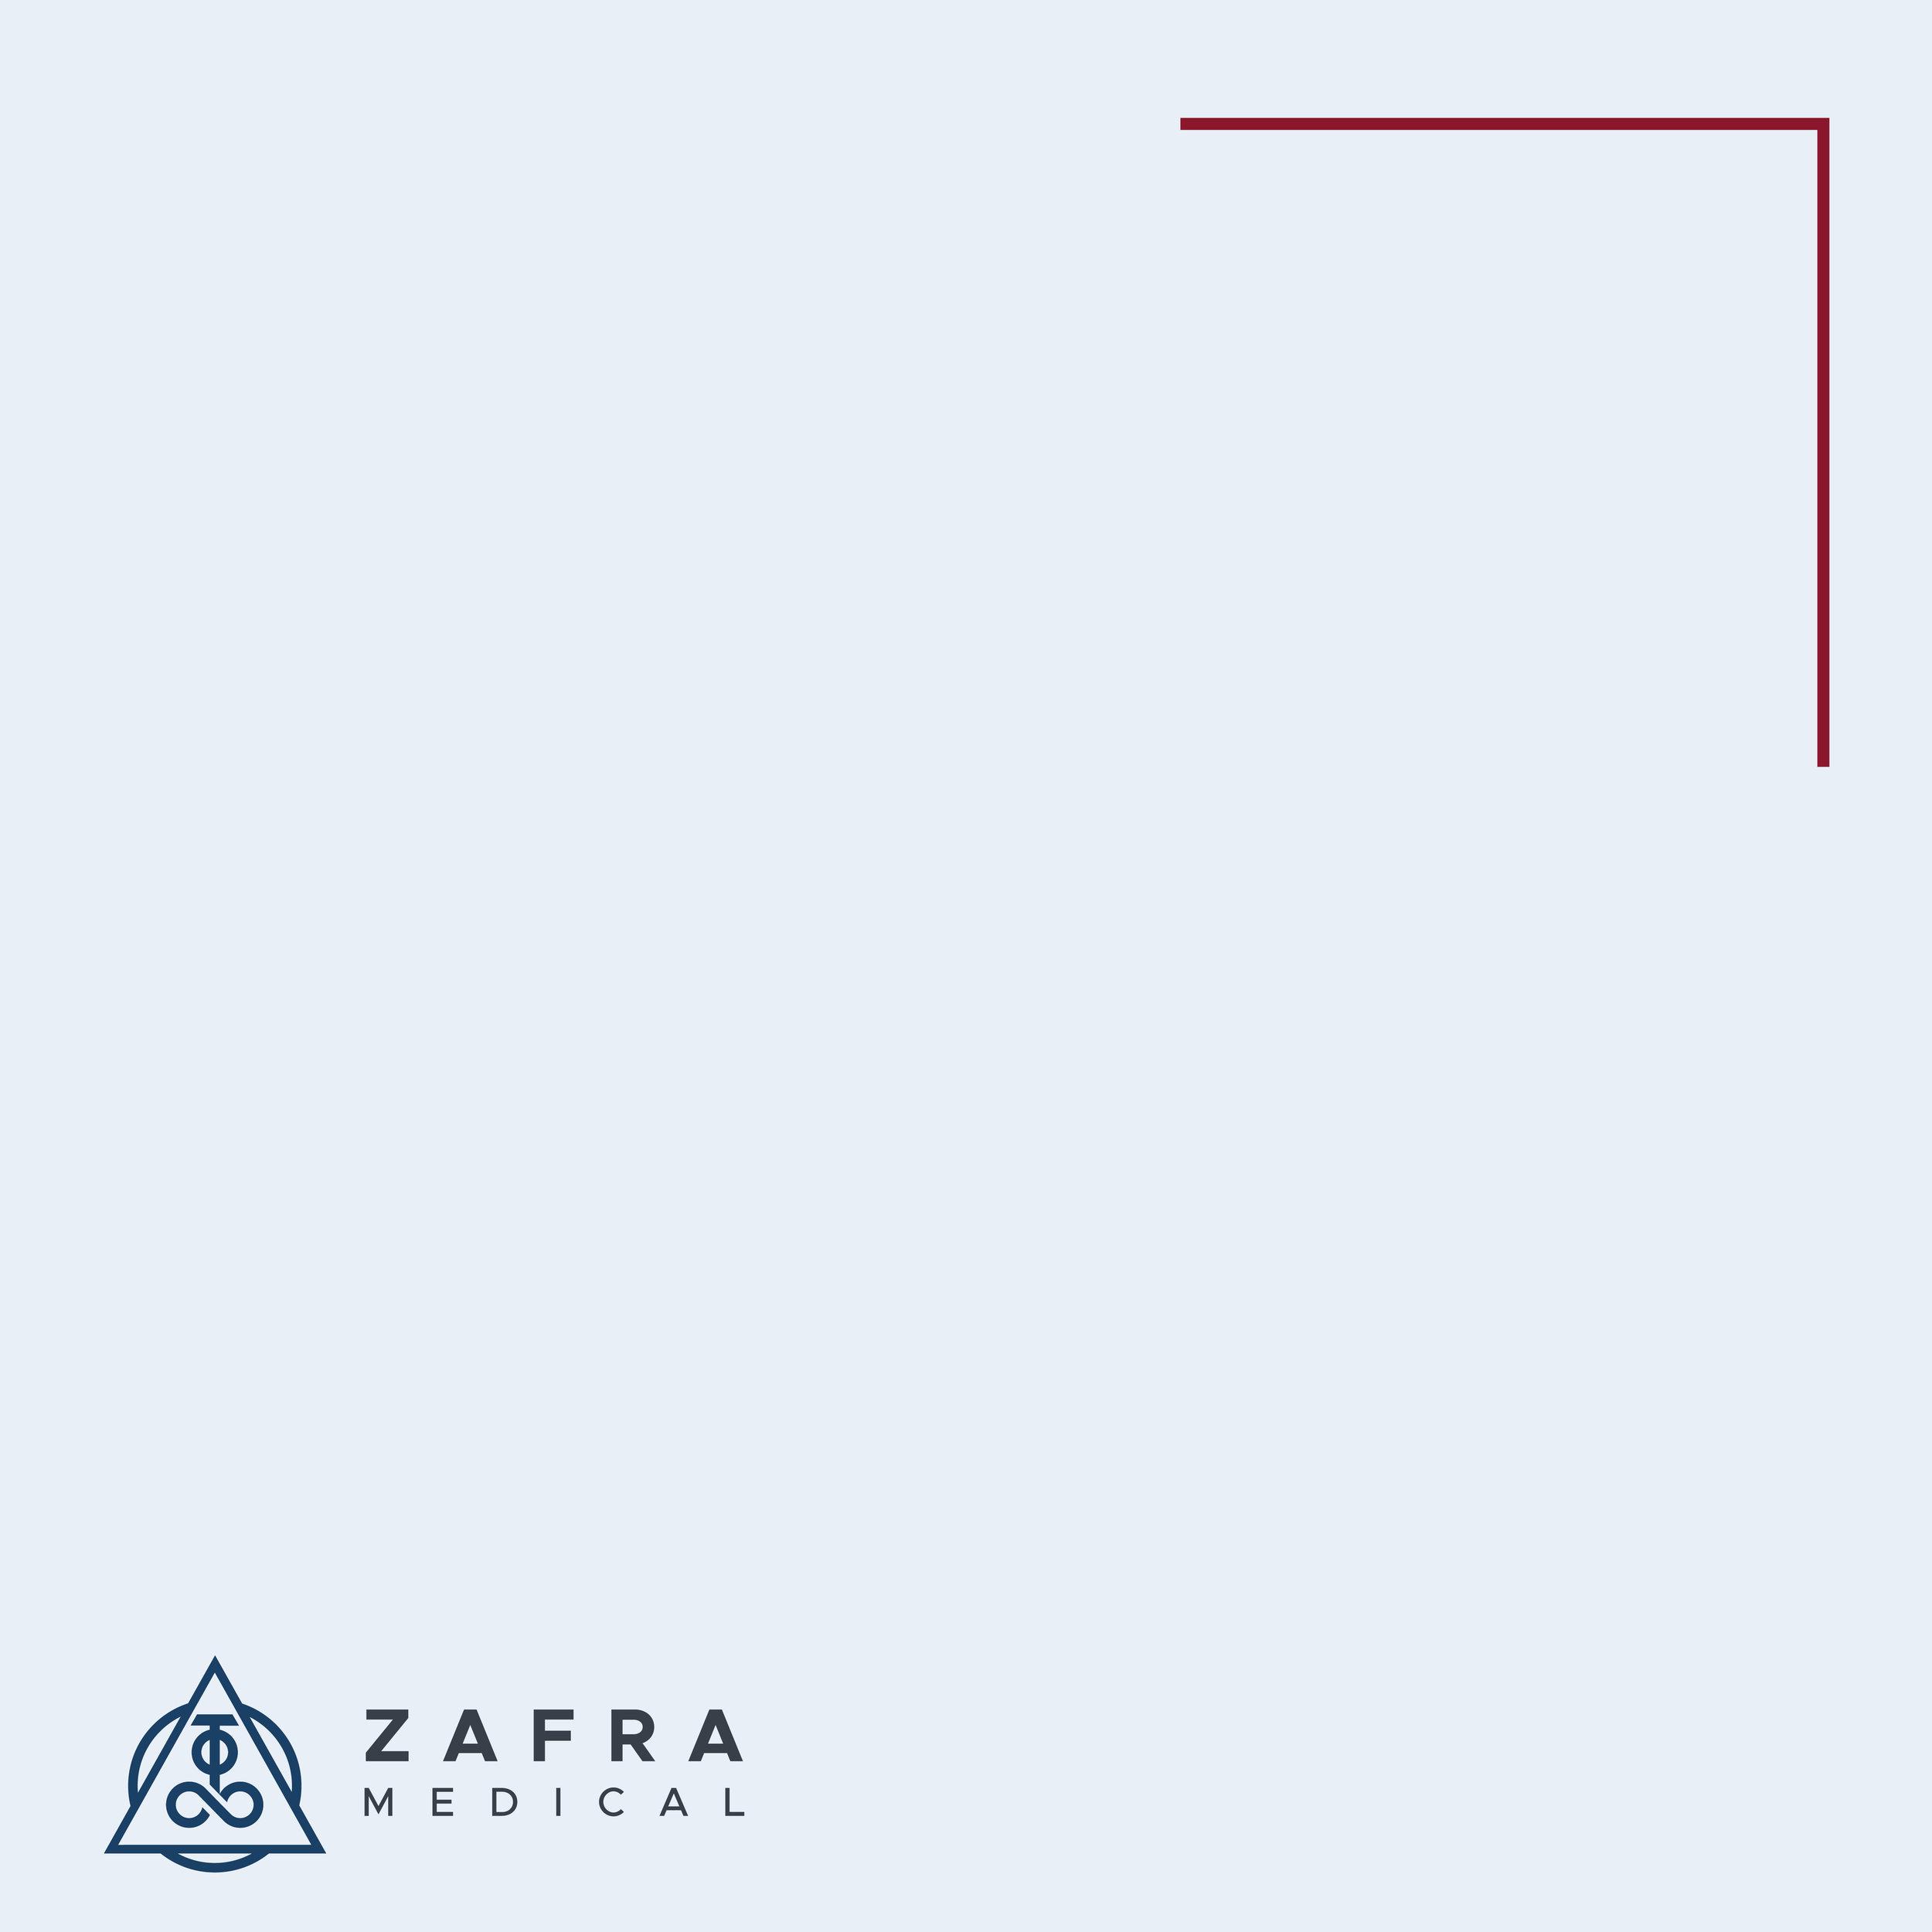 zafra-medical-design